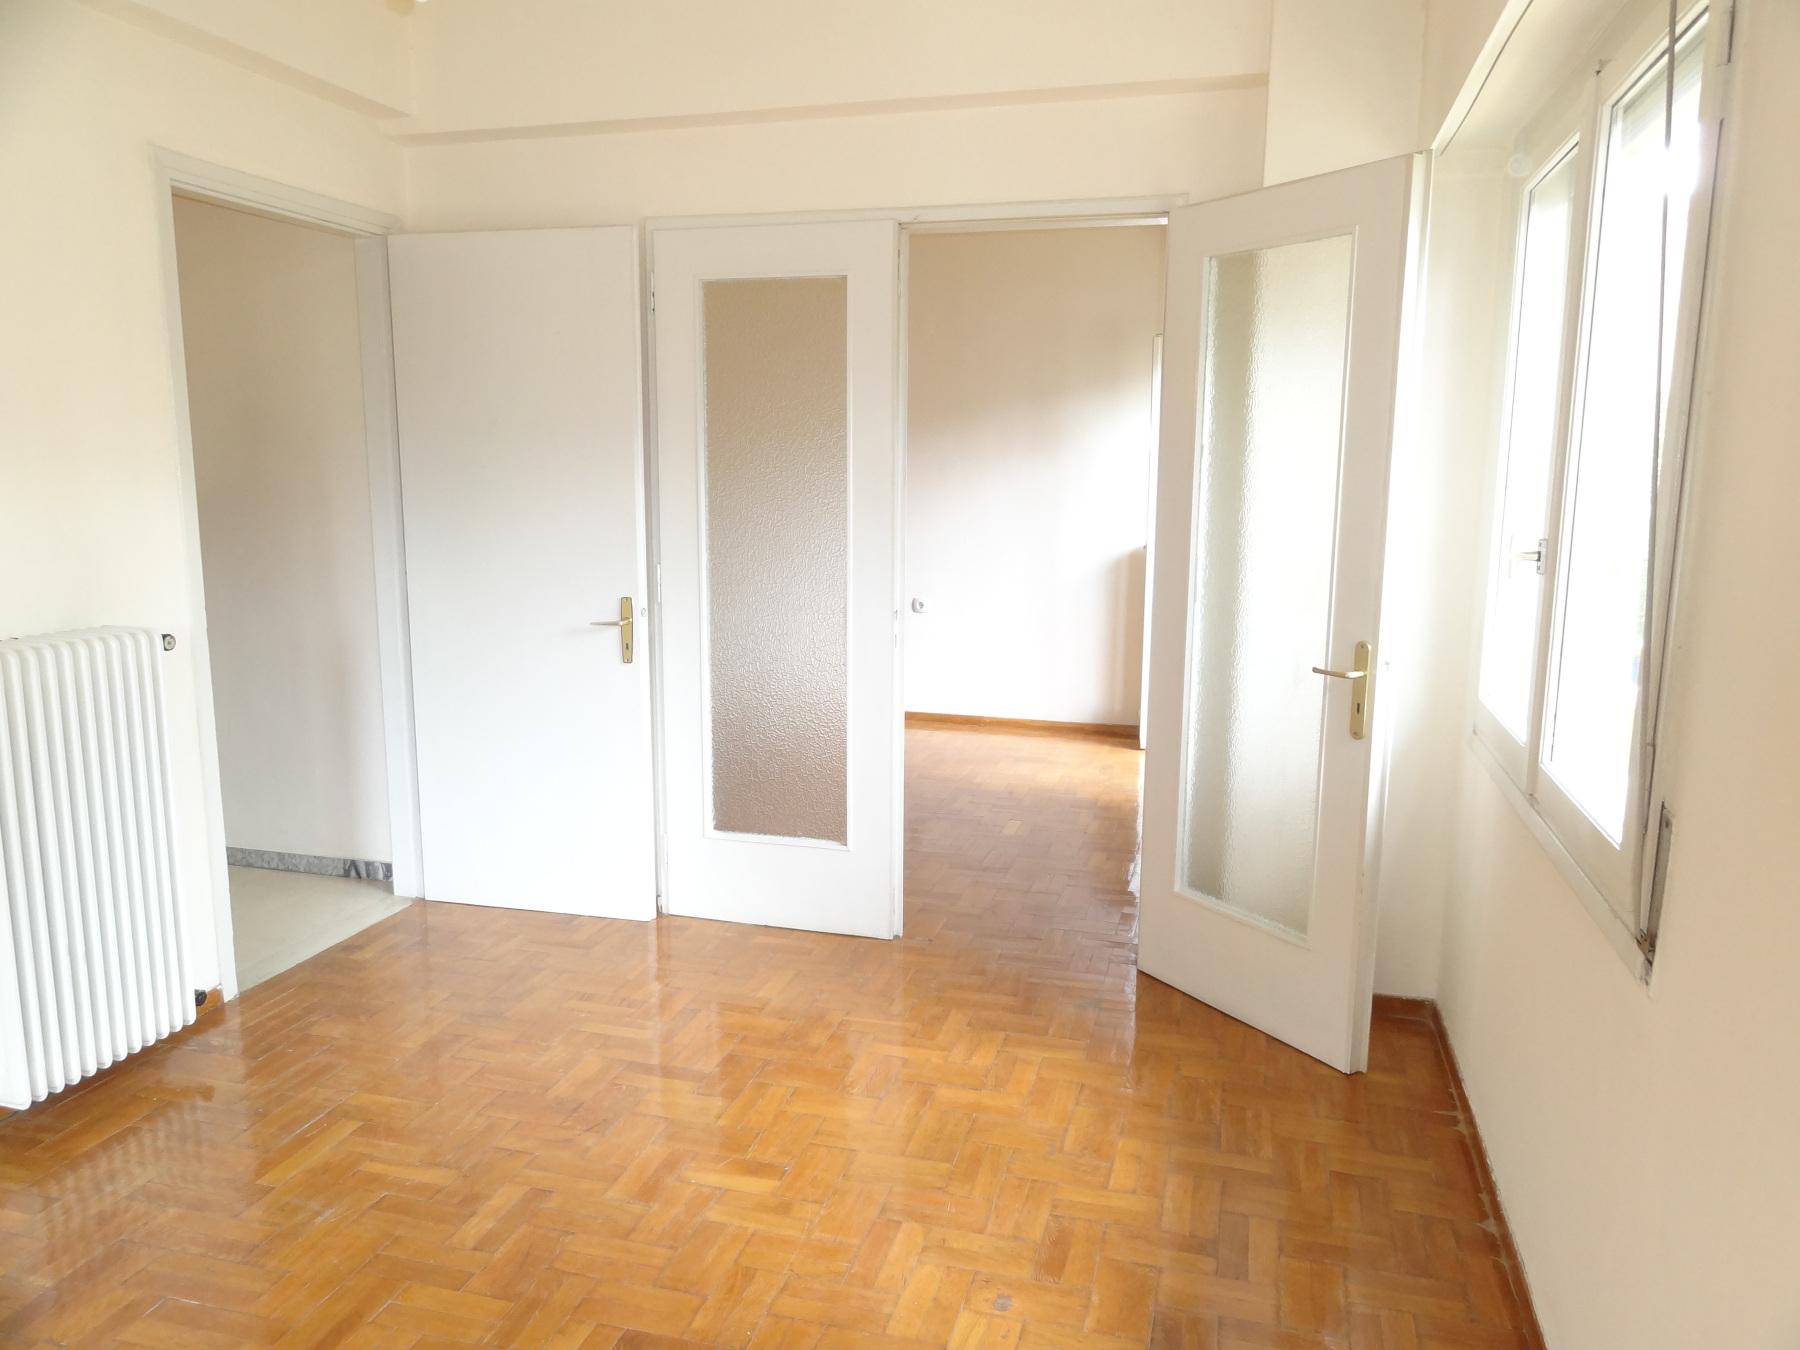 Ενοικιάζεται 3αρι ευήλιο διαμέρισμα 86 τ.μ. 1ου ορόφου στο κέντρο των Ιωαννίνων πλησίον της Ακαδημίας